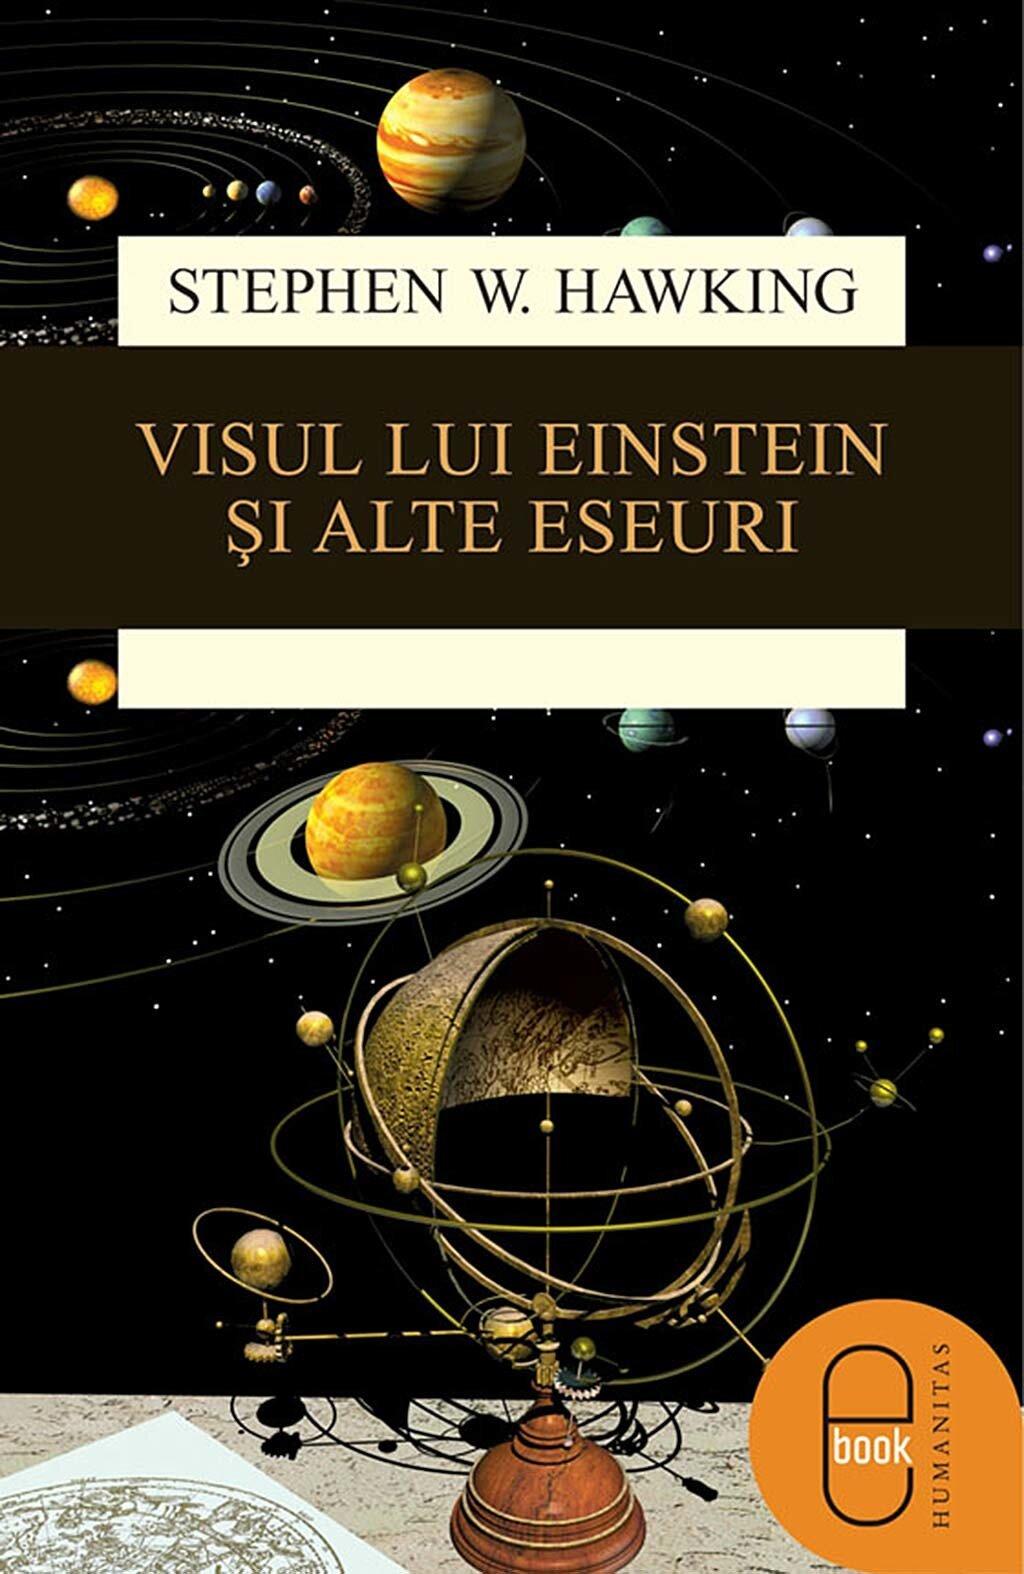 Coperta Carte Visul lui Einstein si alte eseuri